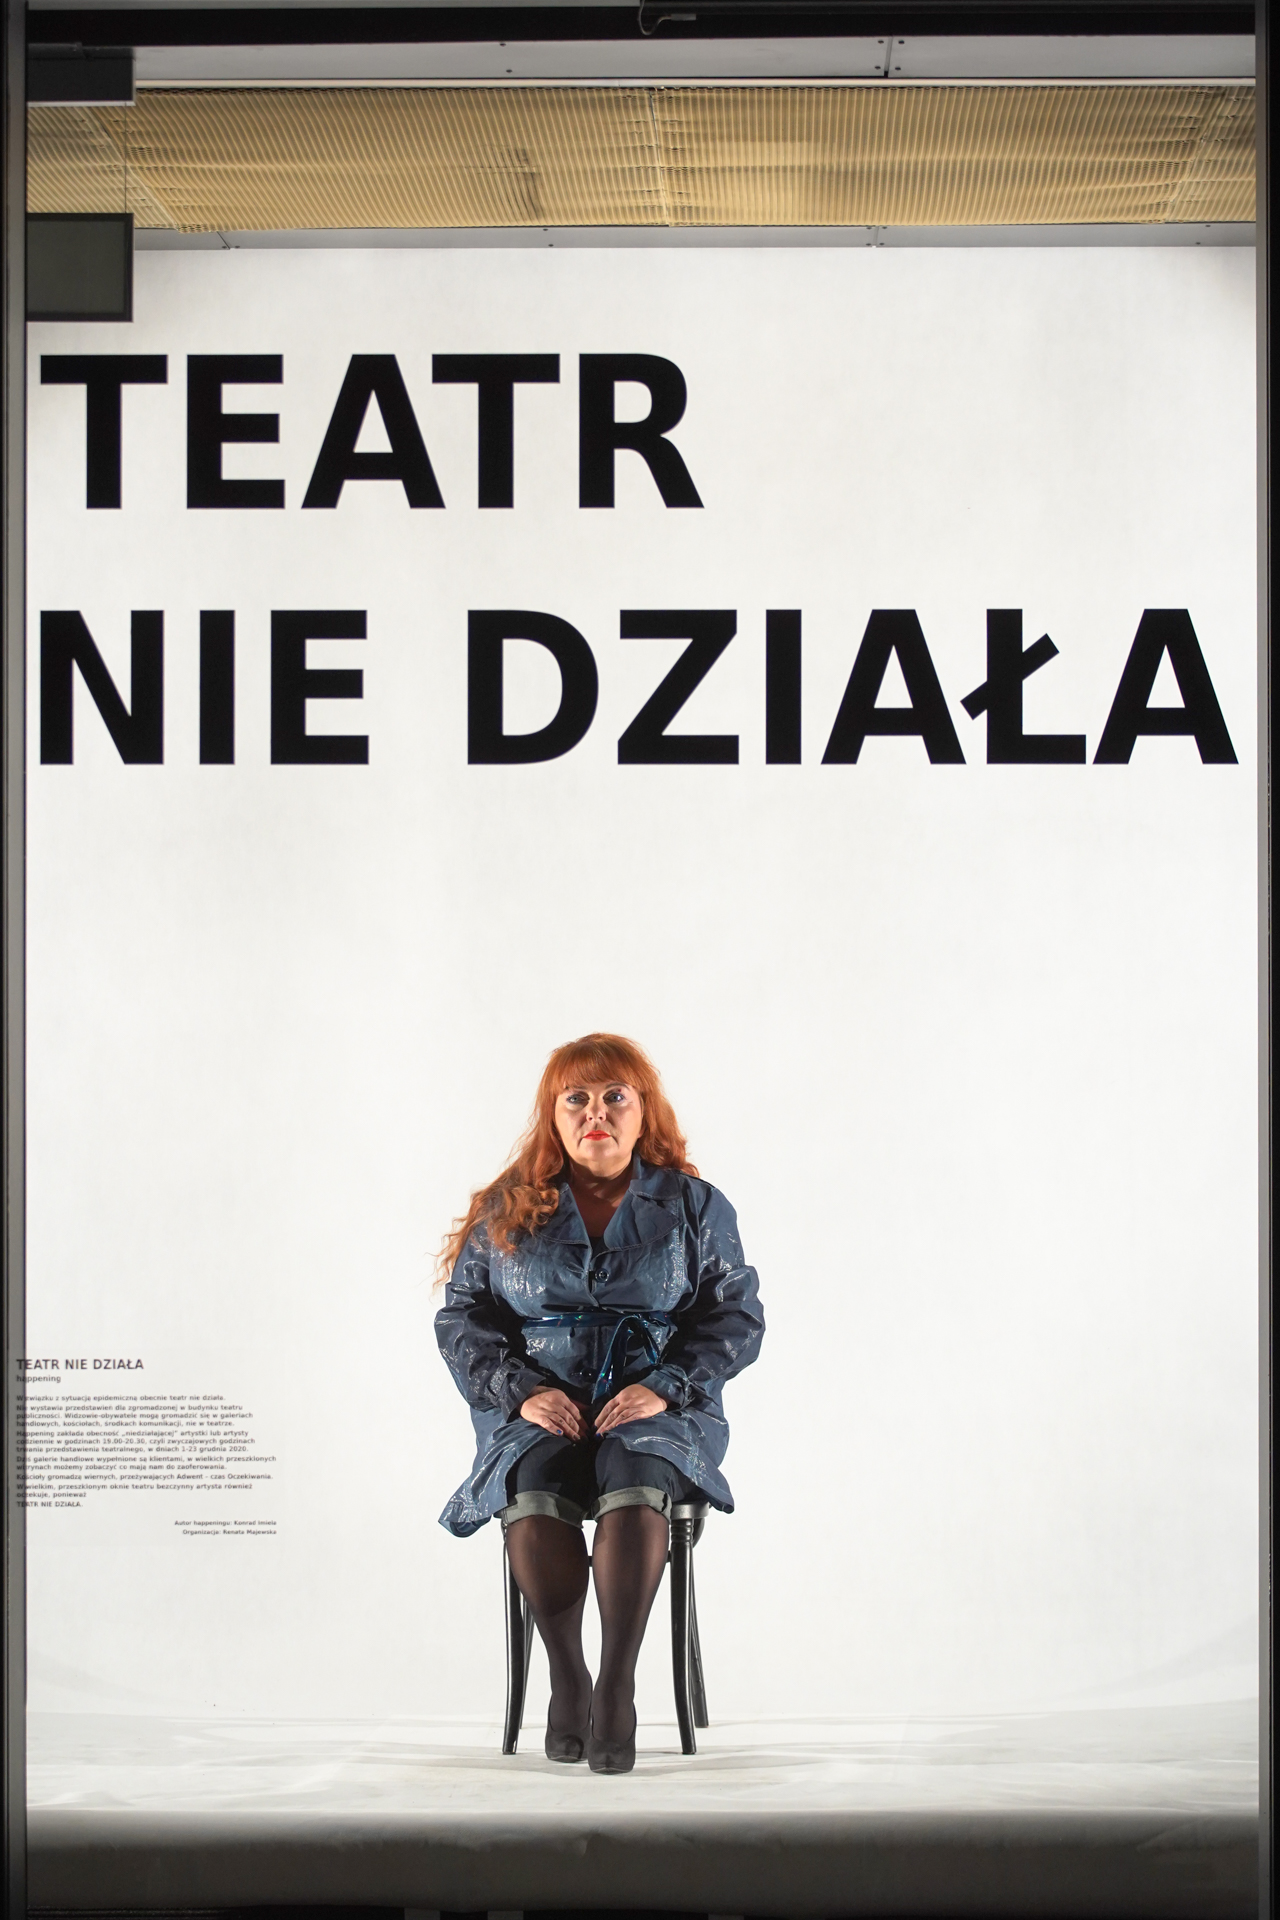 W witrynie teatru, na białym tle, na czarnym krześle siedzi aktorka. Na szybie widac duży czarny napis TEATR NIE DZIAŁA